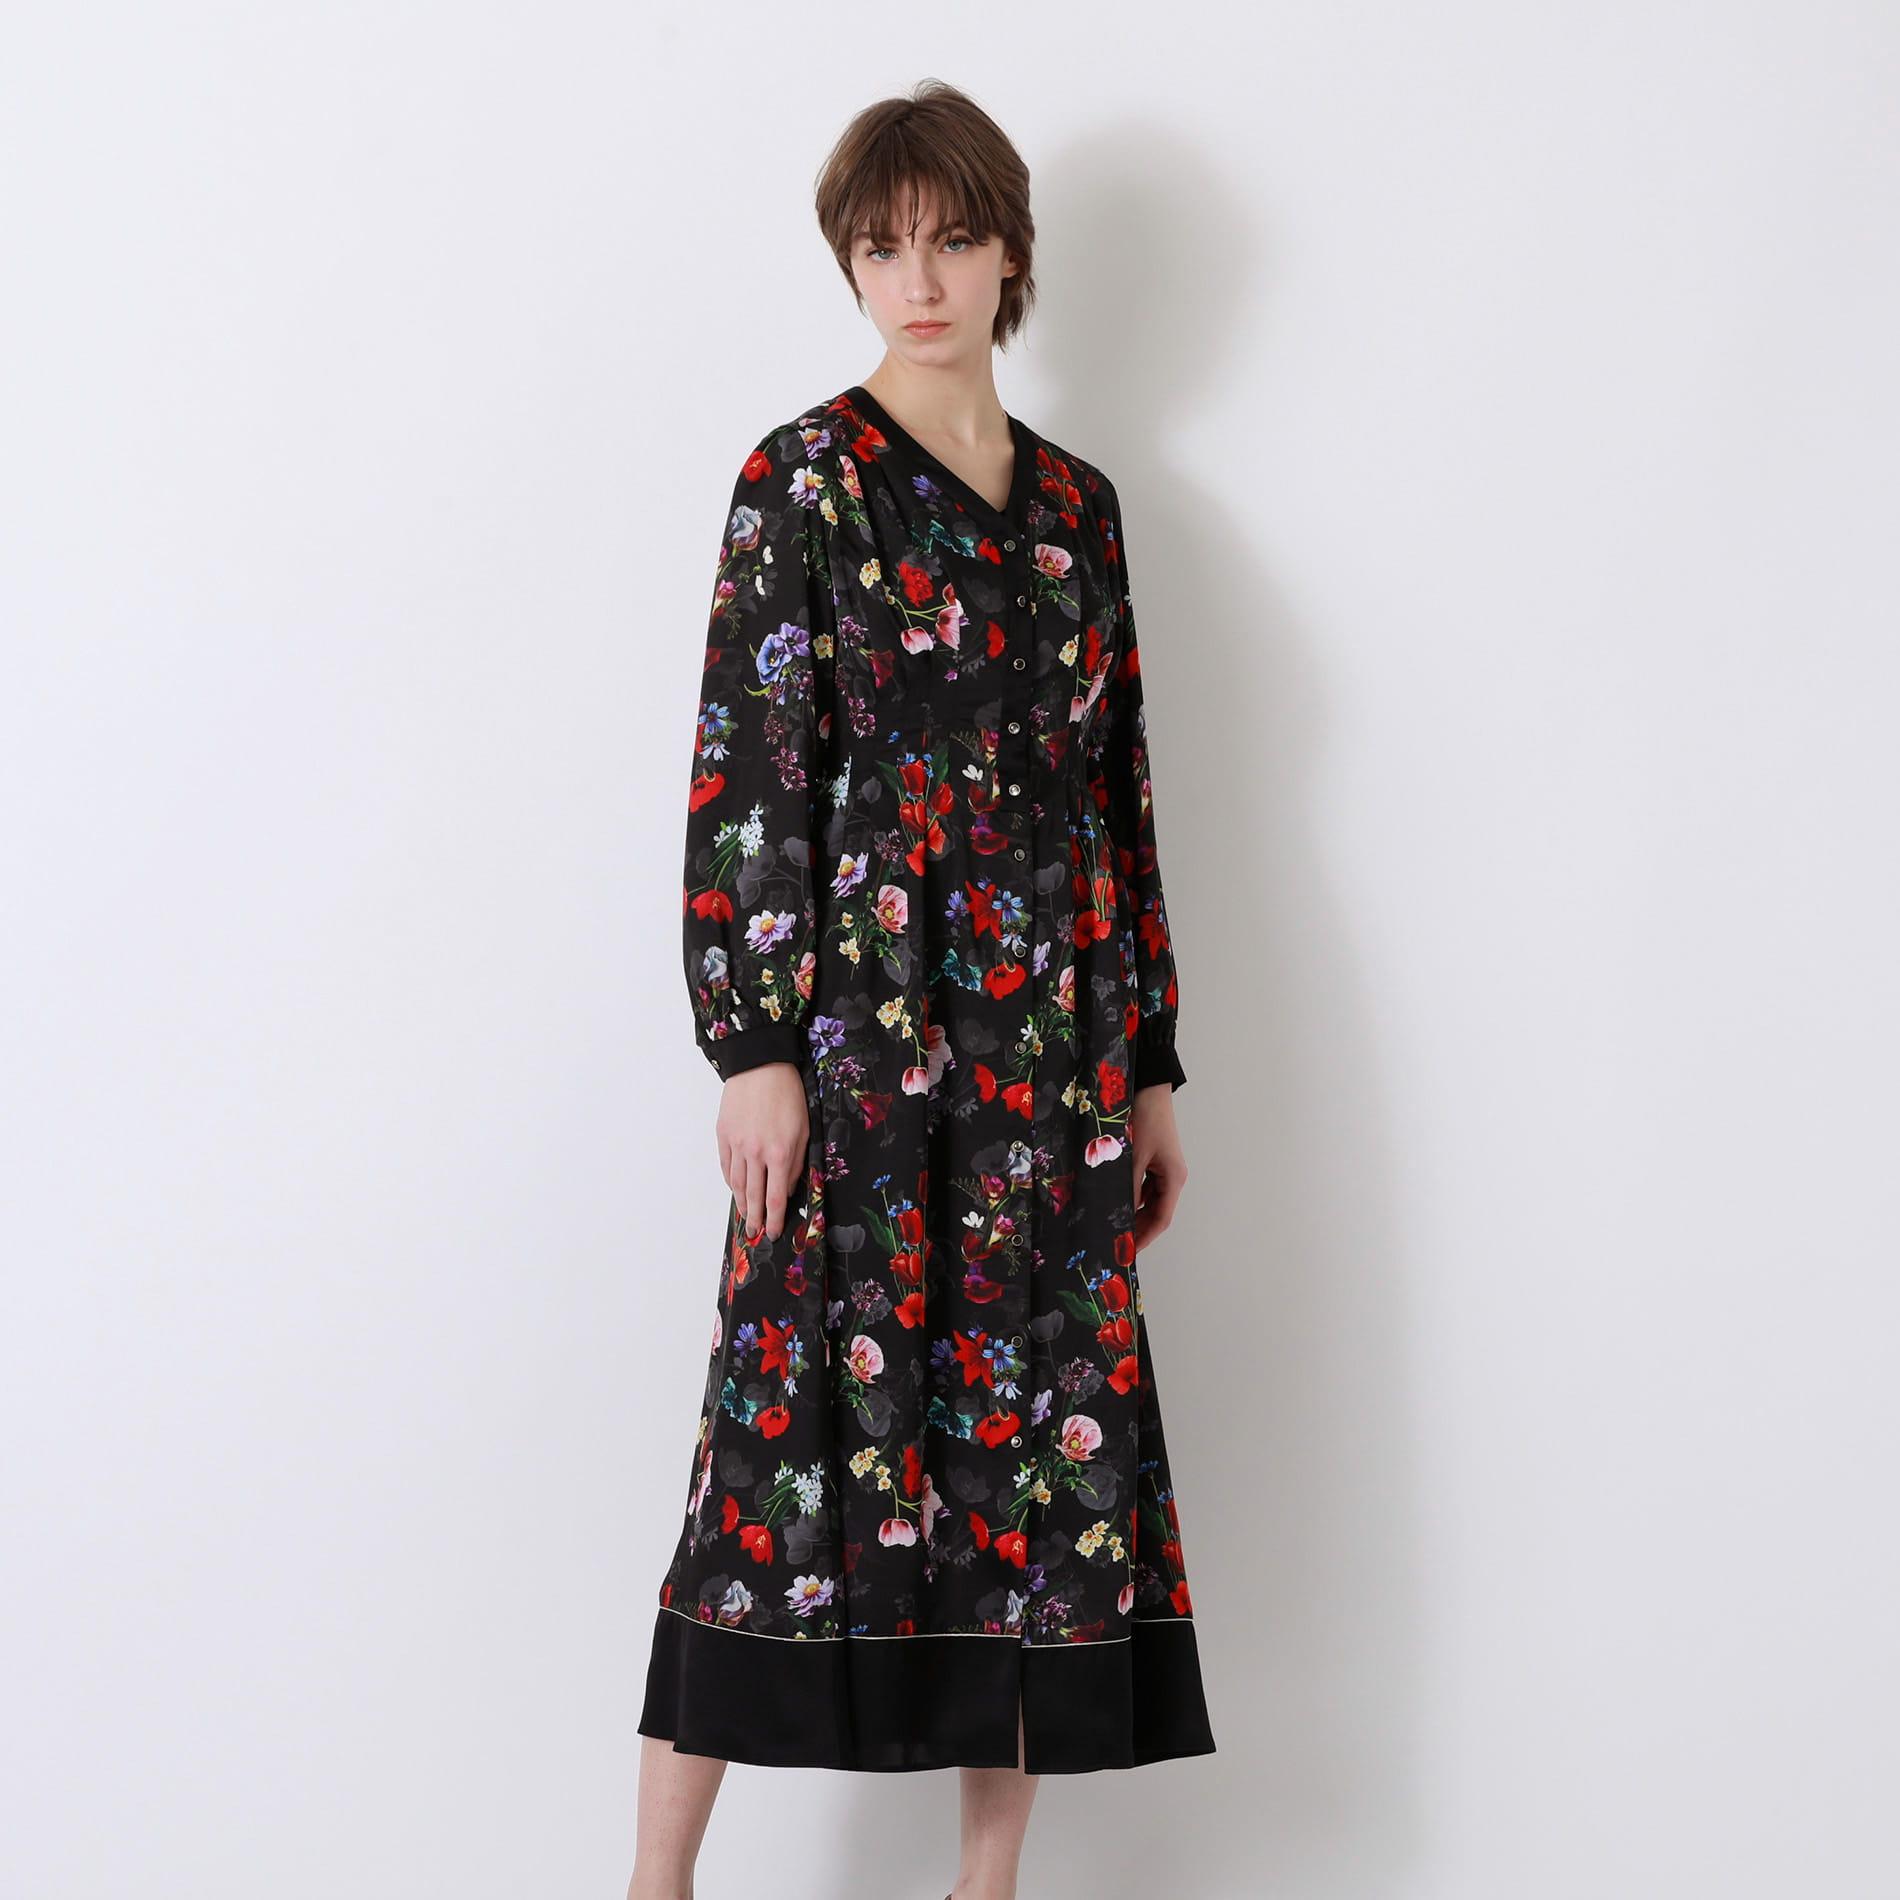 【返品送料無料】nowartt コンビ マキシ ドレス